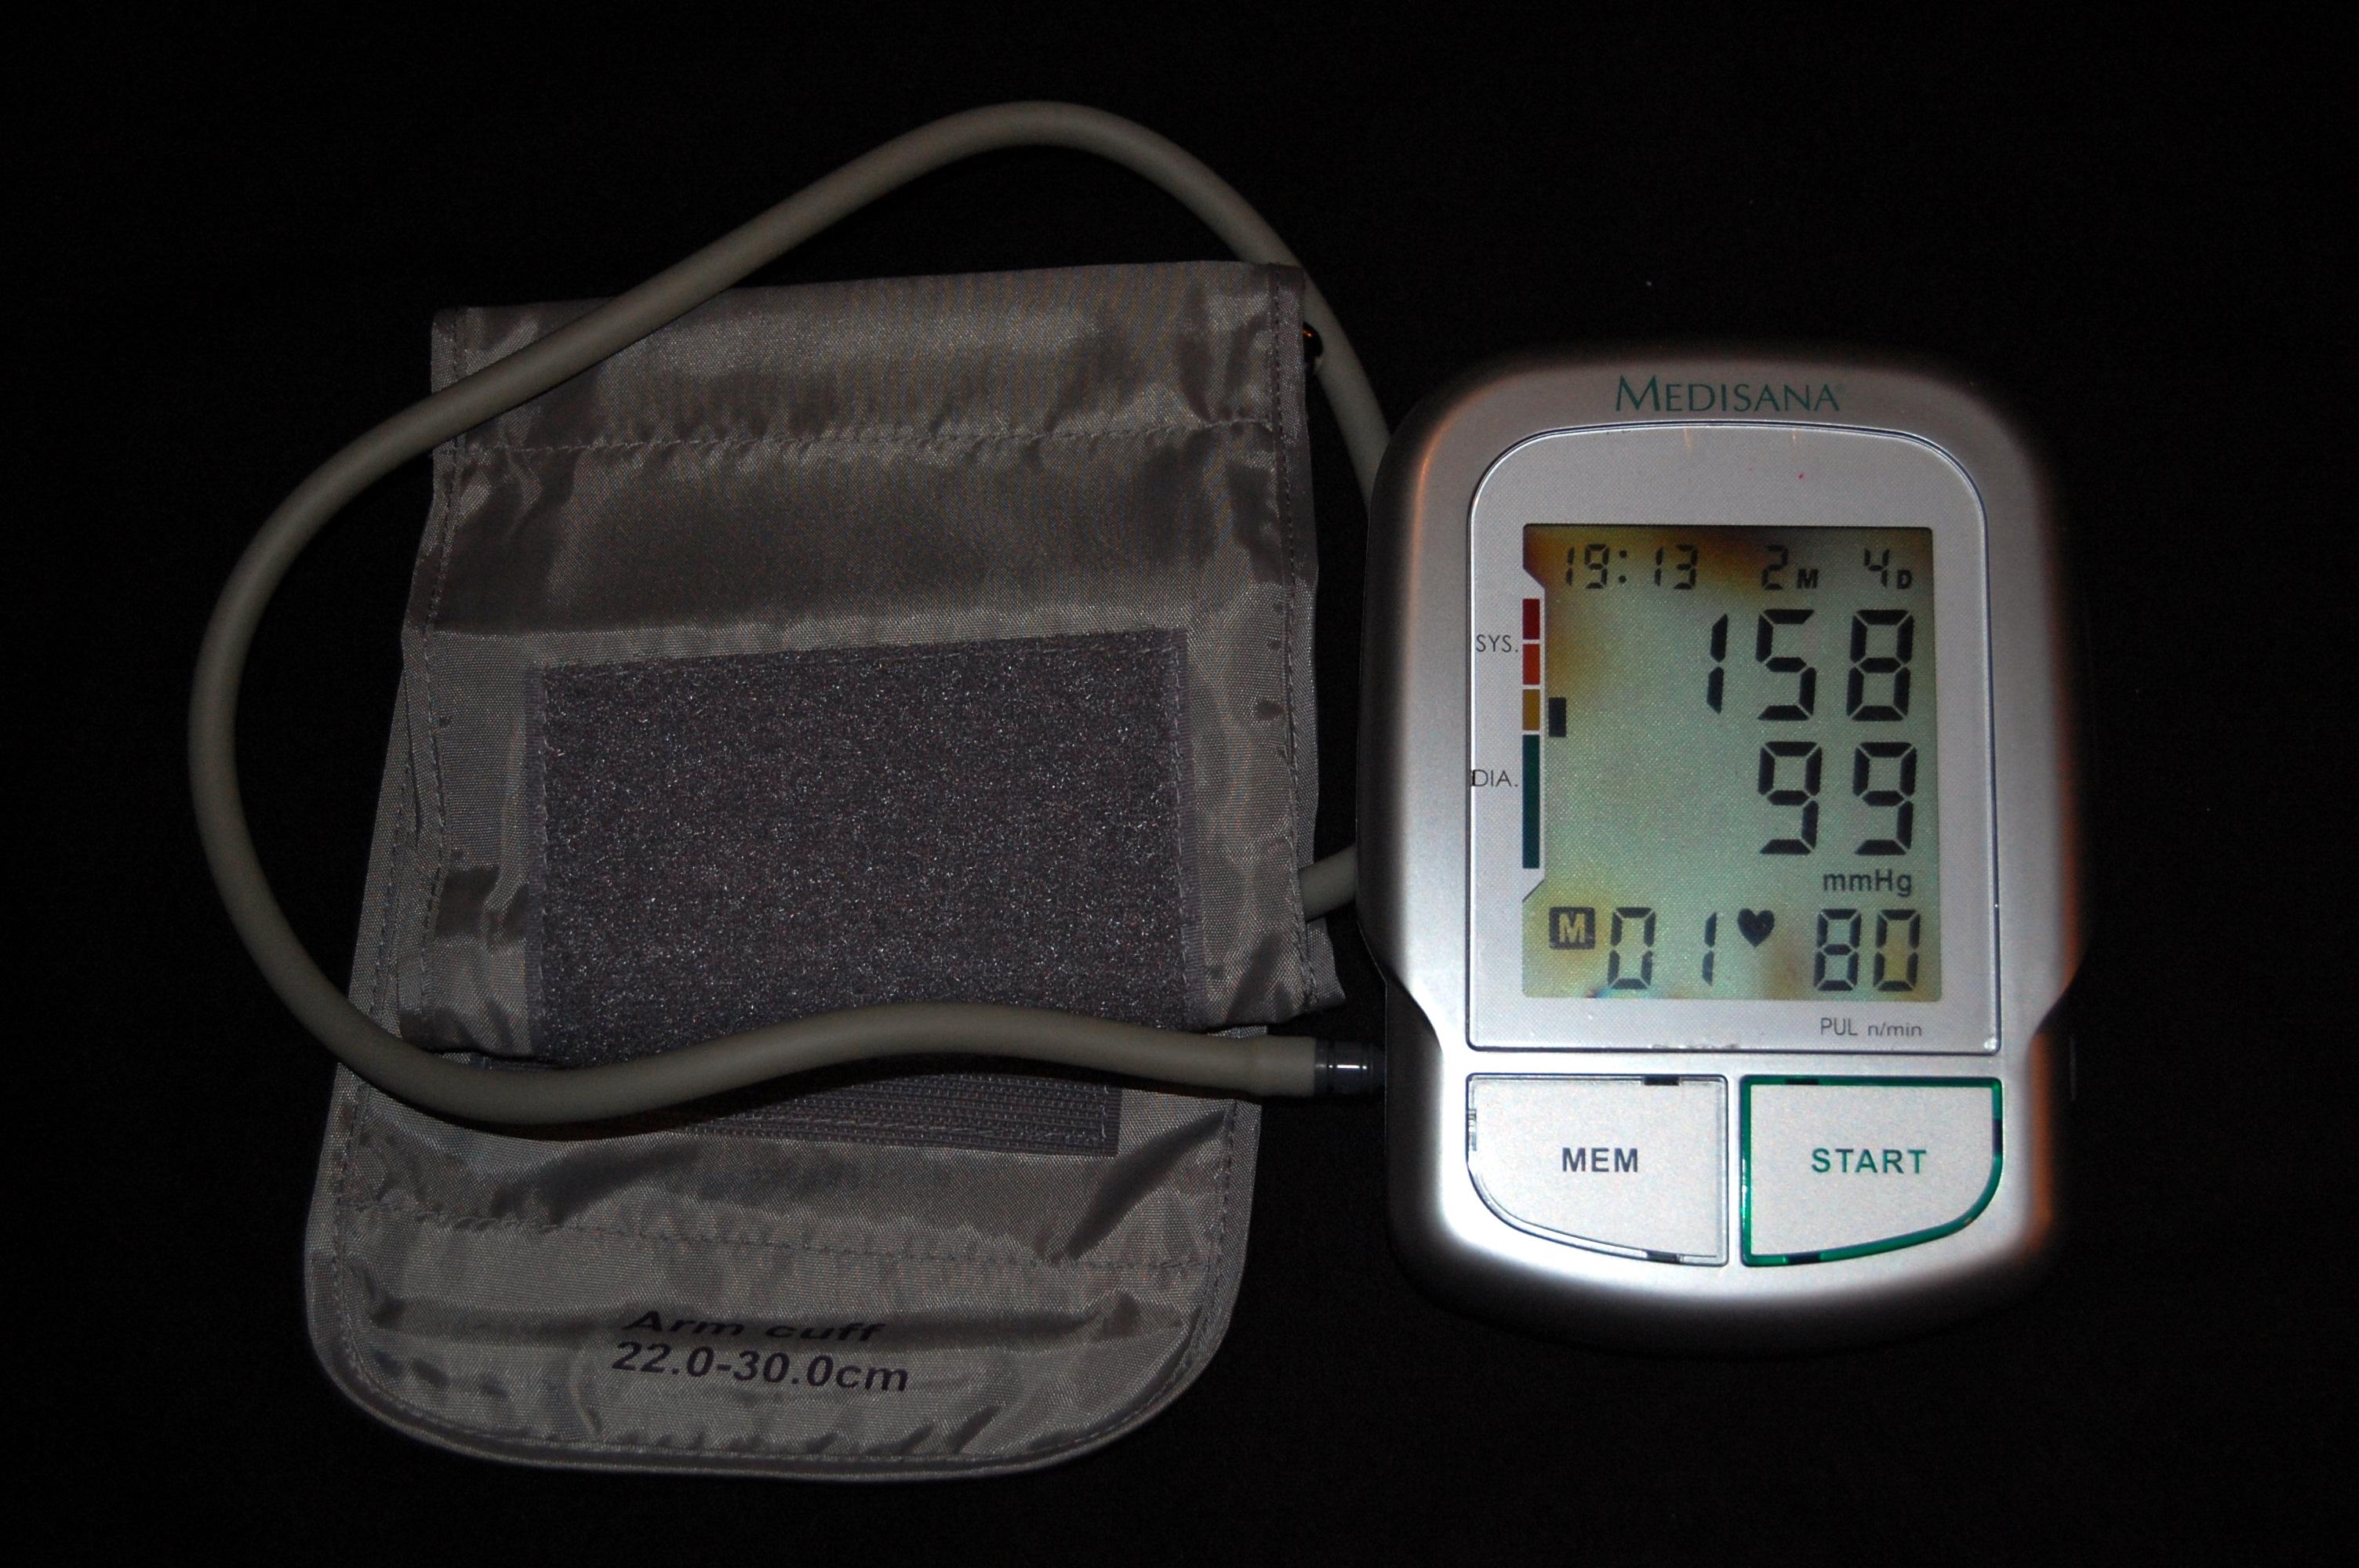 ishemijske srčane bolesti hipertenzije icd 10 hipertenzije tijekom bolesti